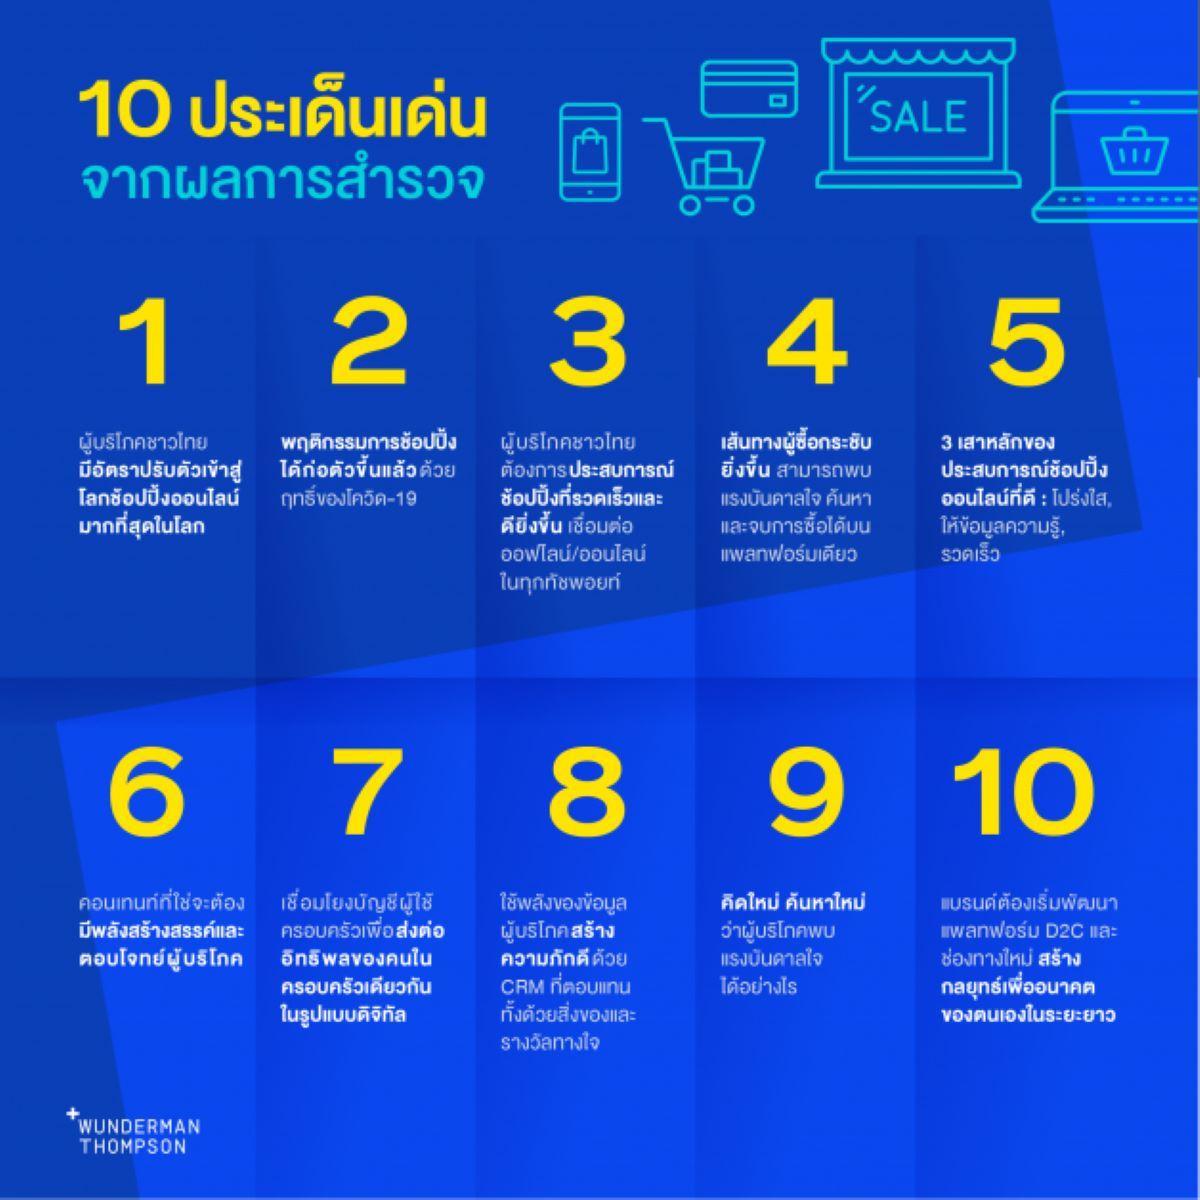 behavior shopper thai 29062021